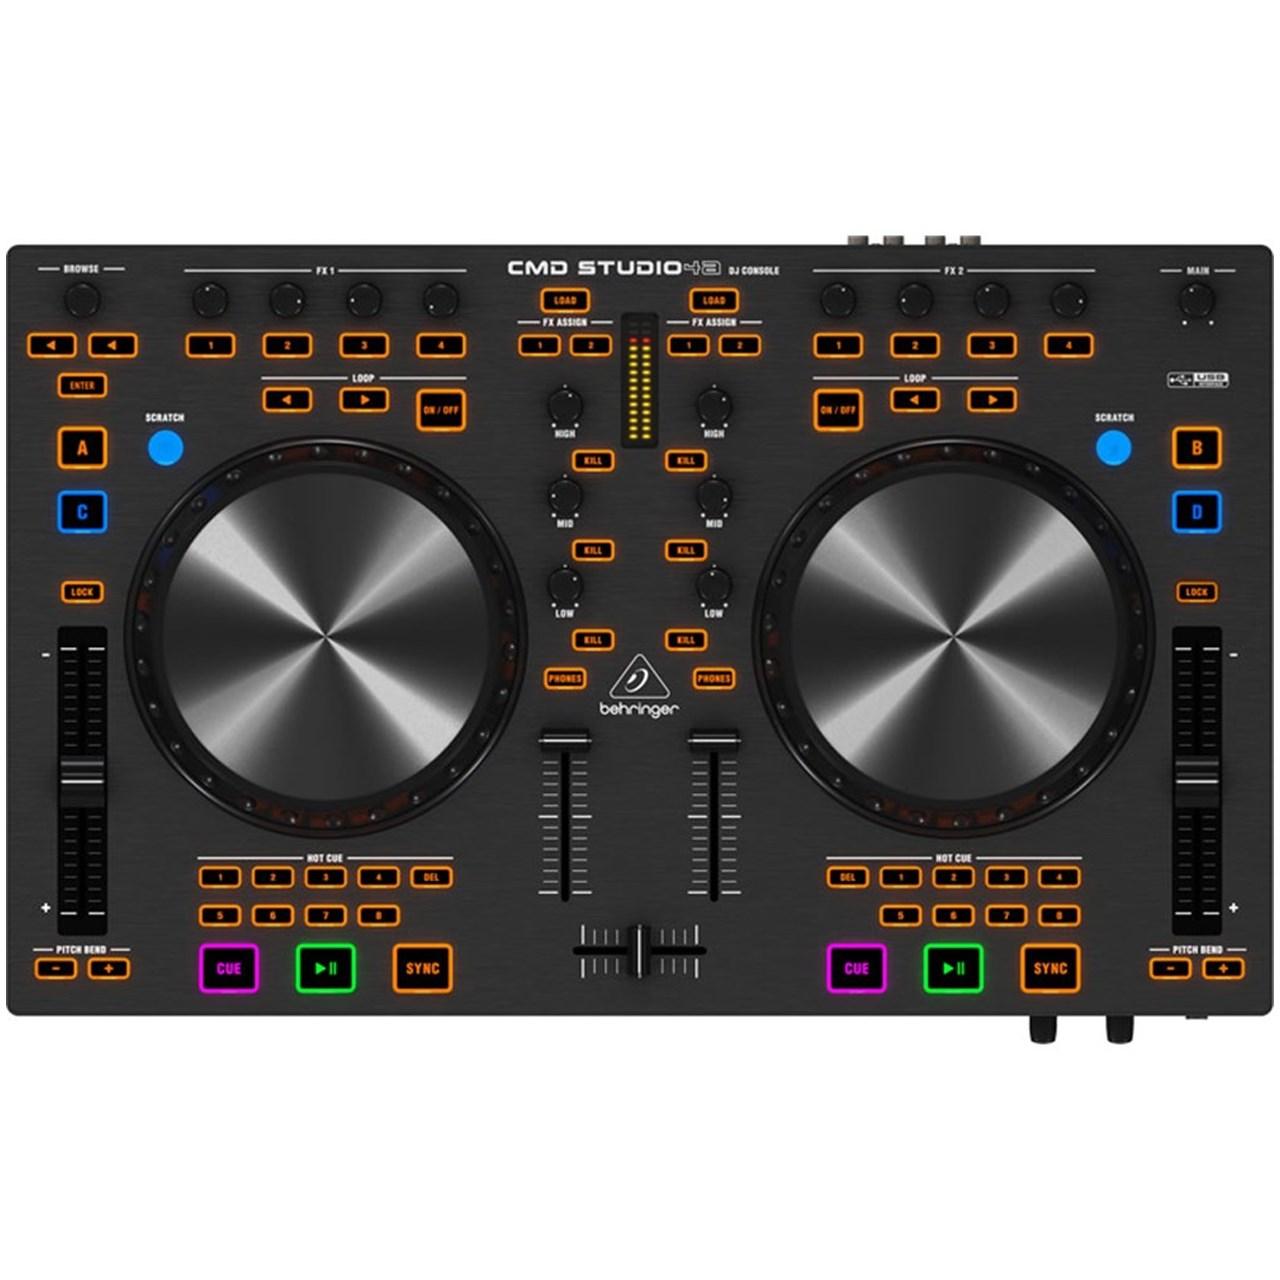 دی جی کنترلر بهرینگر مدل CMD Studio 4A